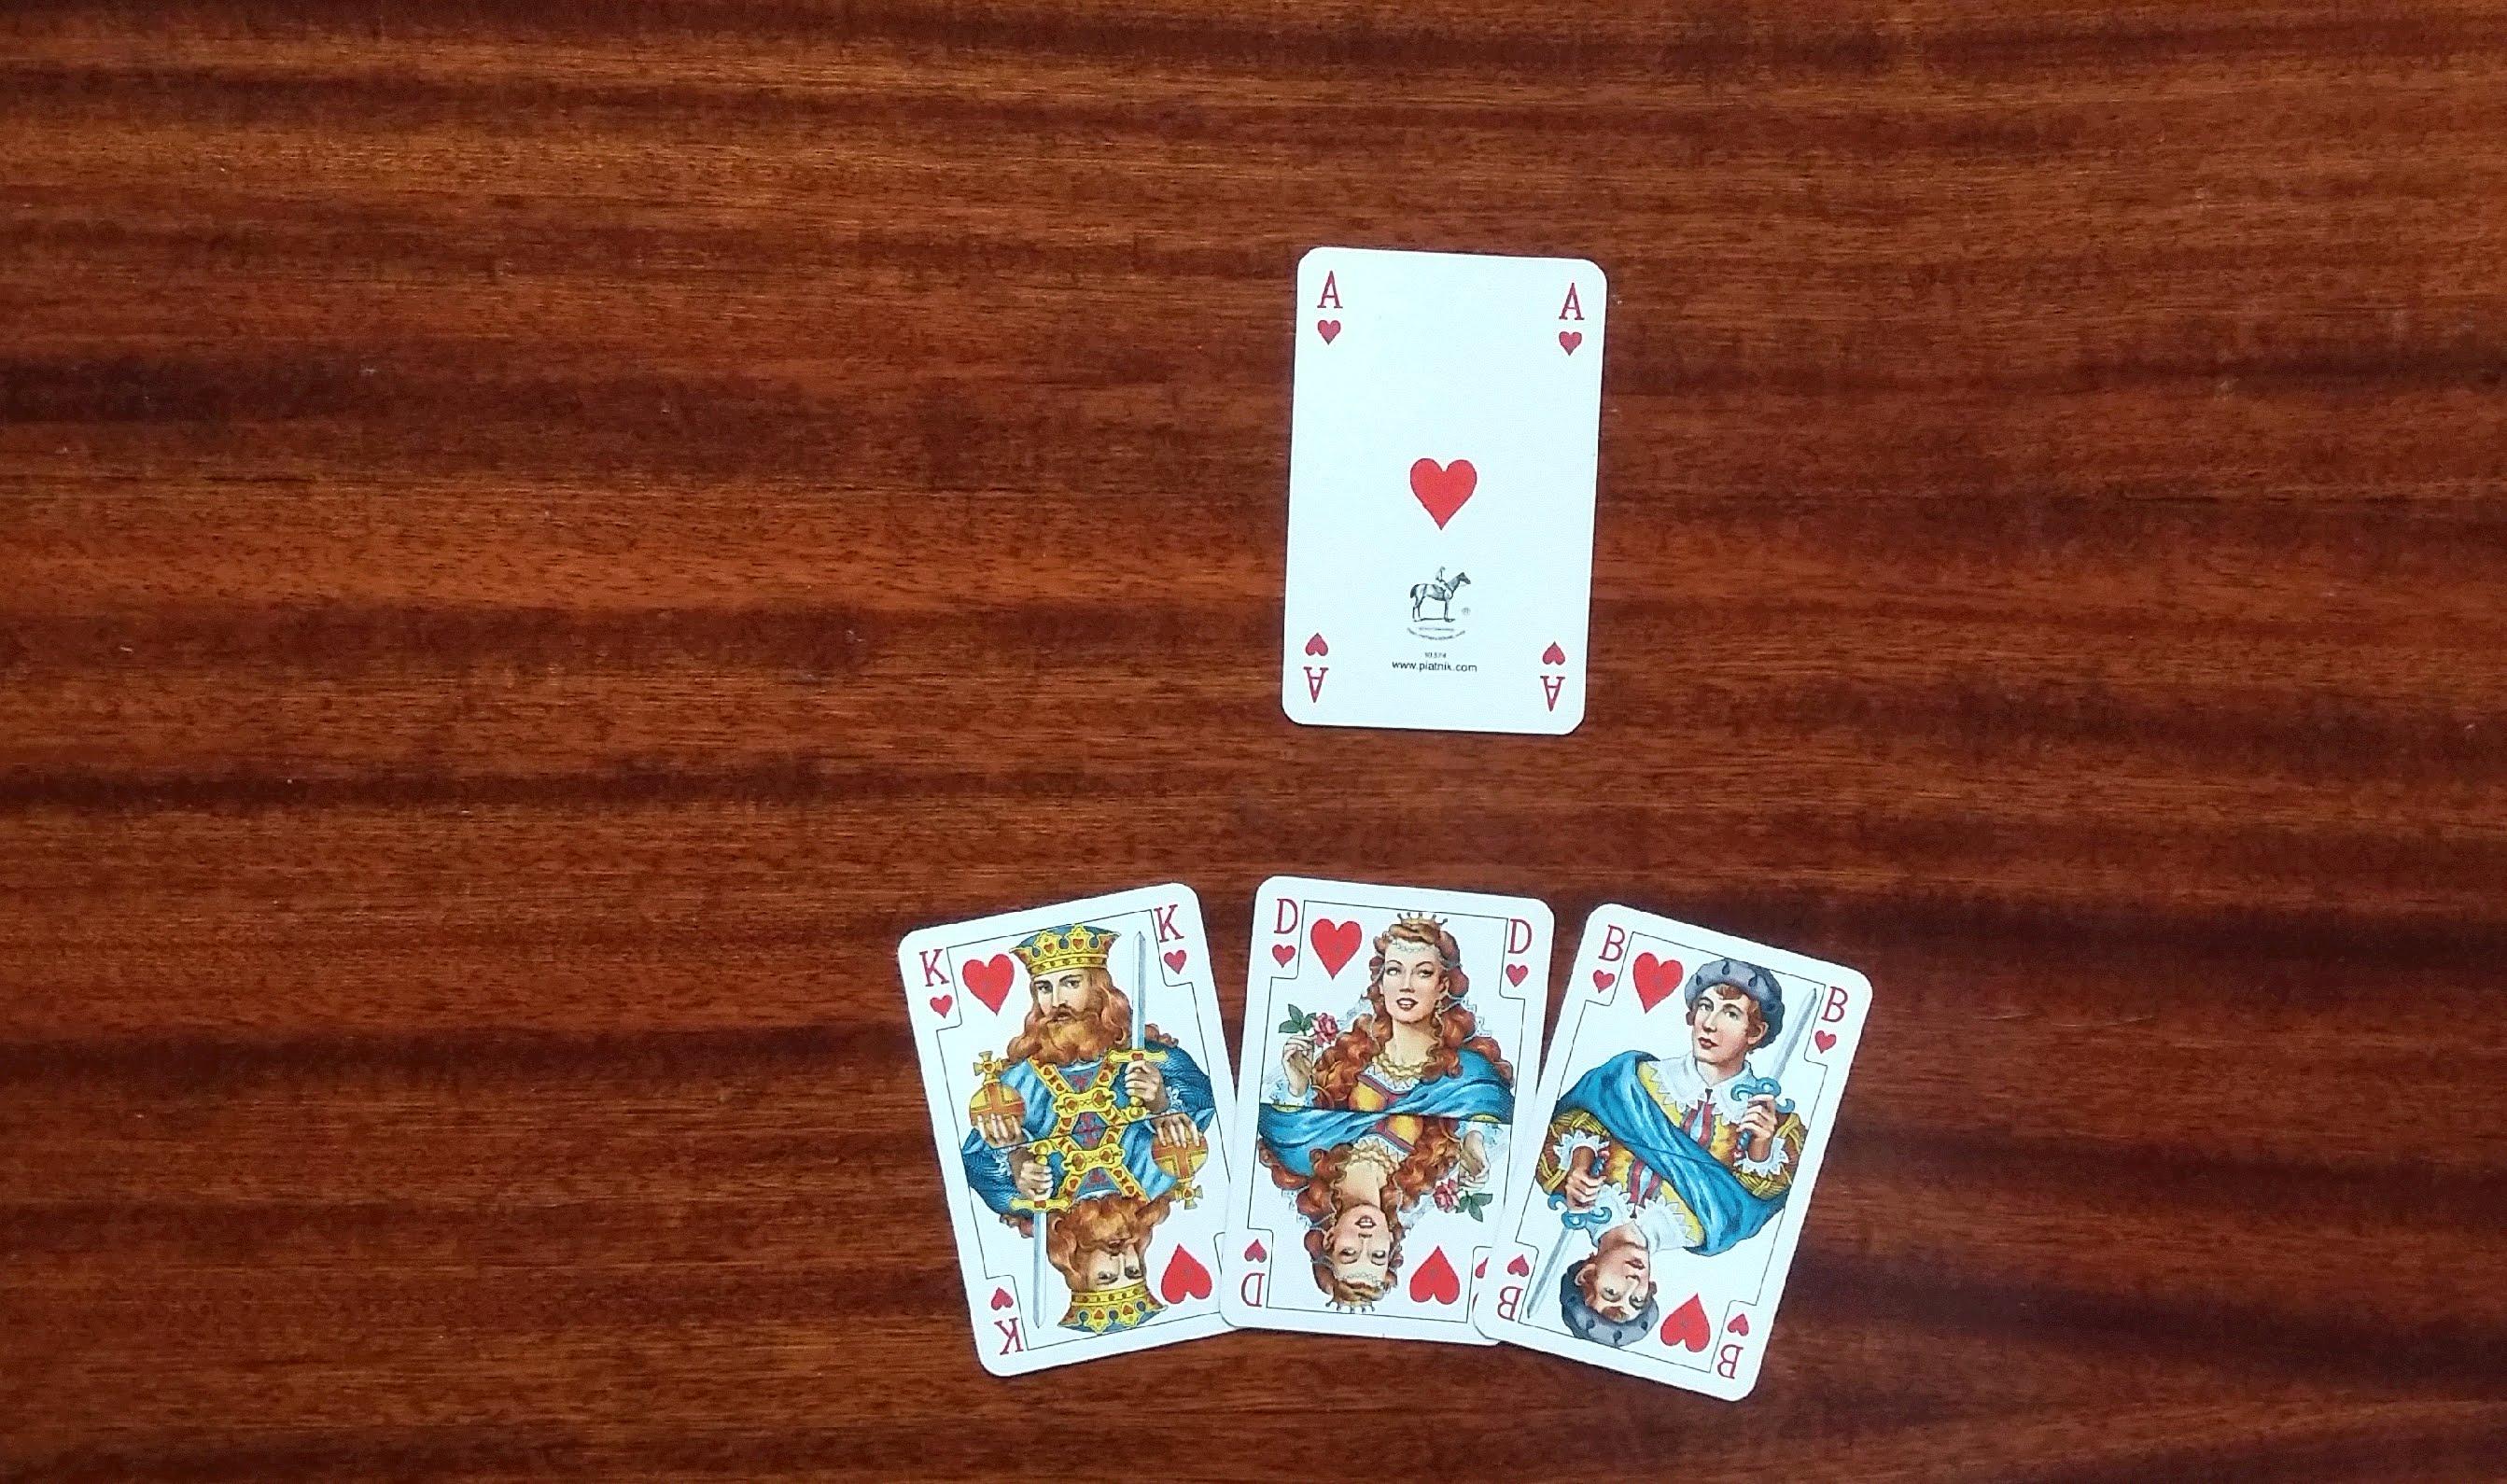 Гадание без игральных карт таро карт гадание онлайн бесплатно на любовь таро